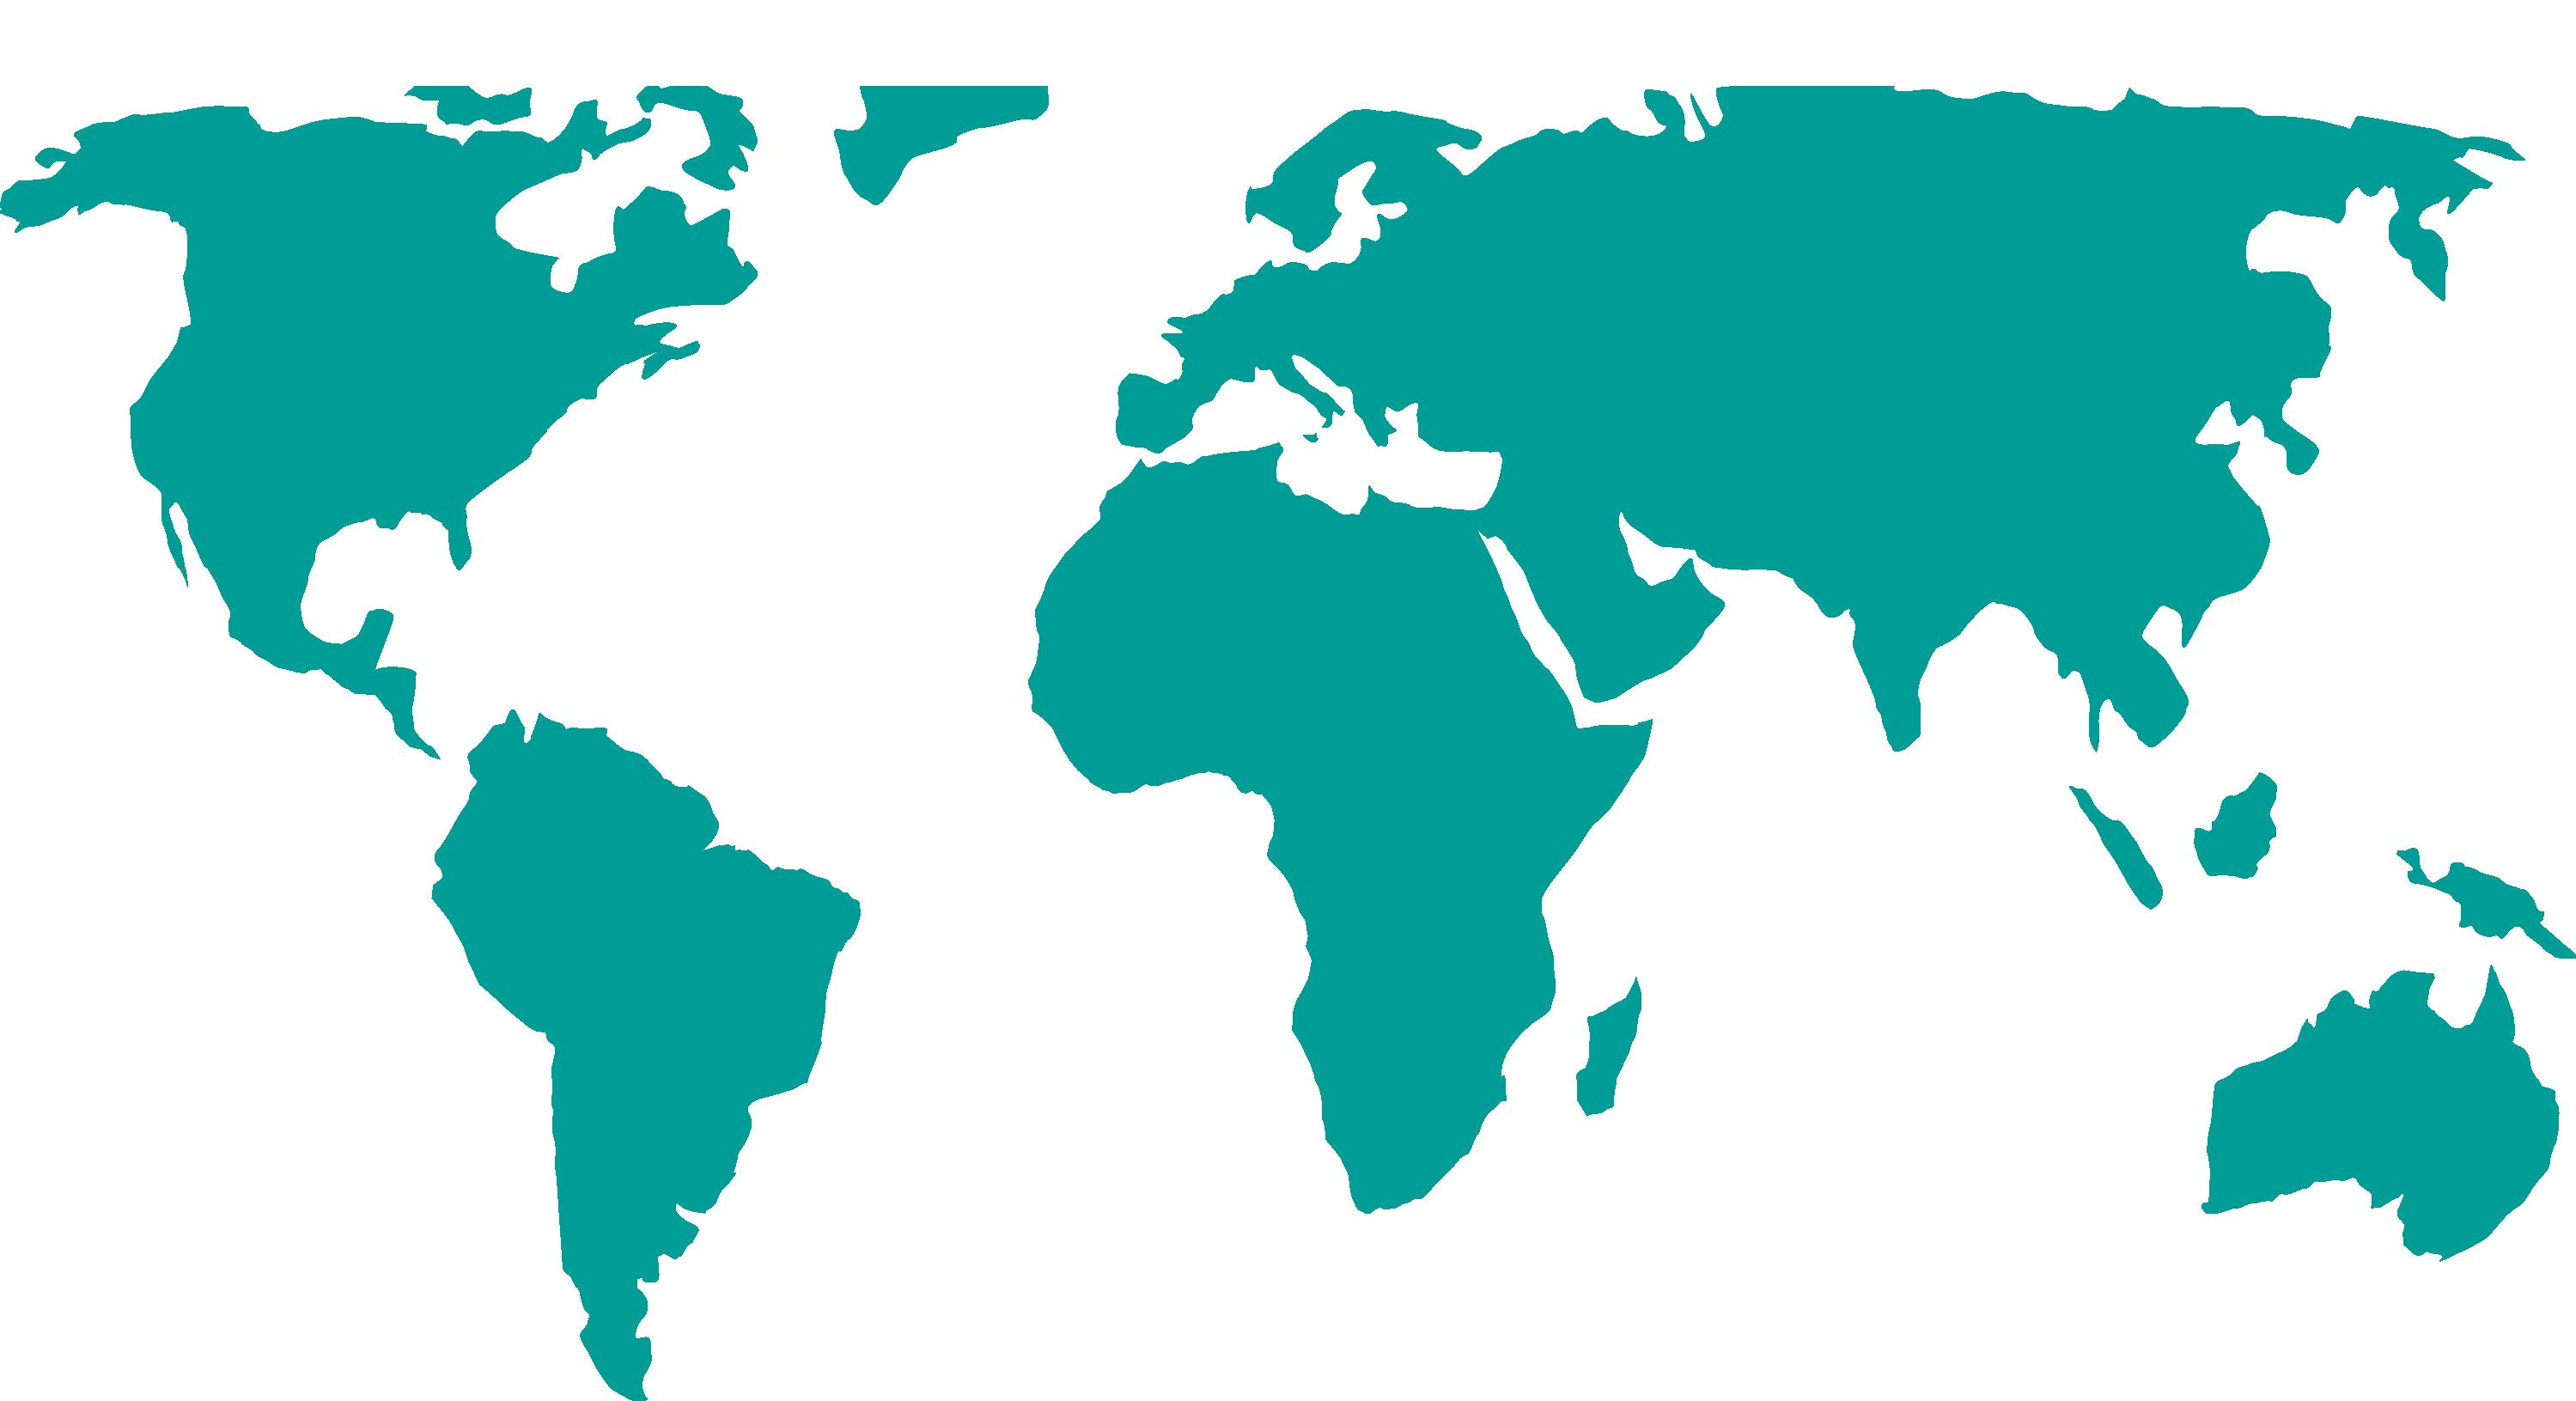 Mapa mundi tierra